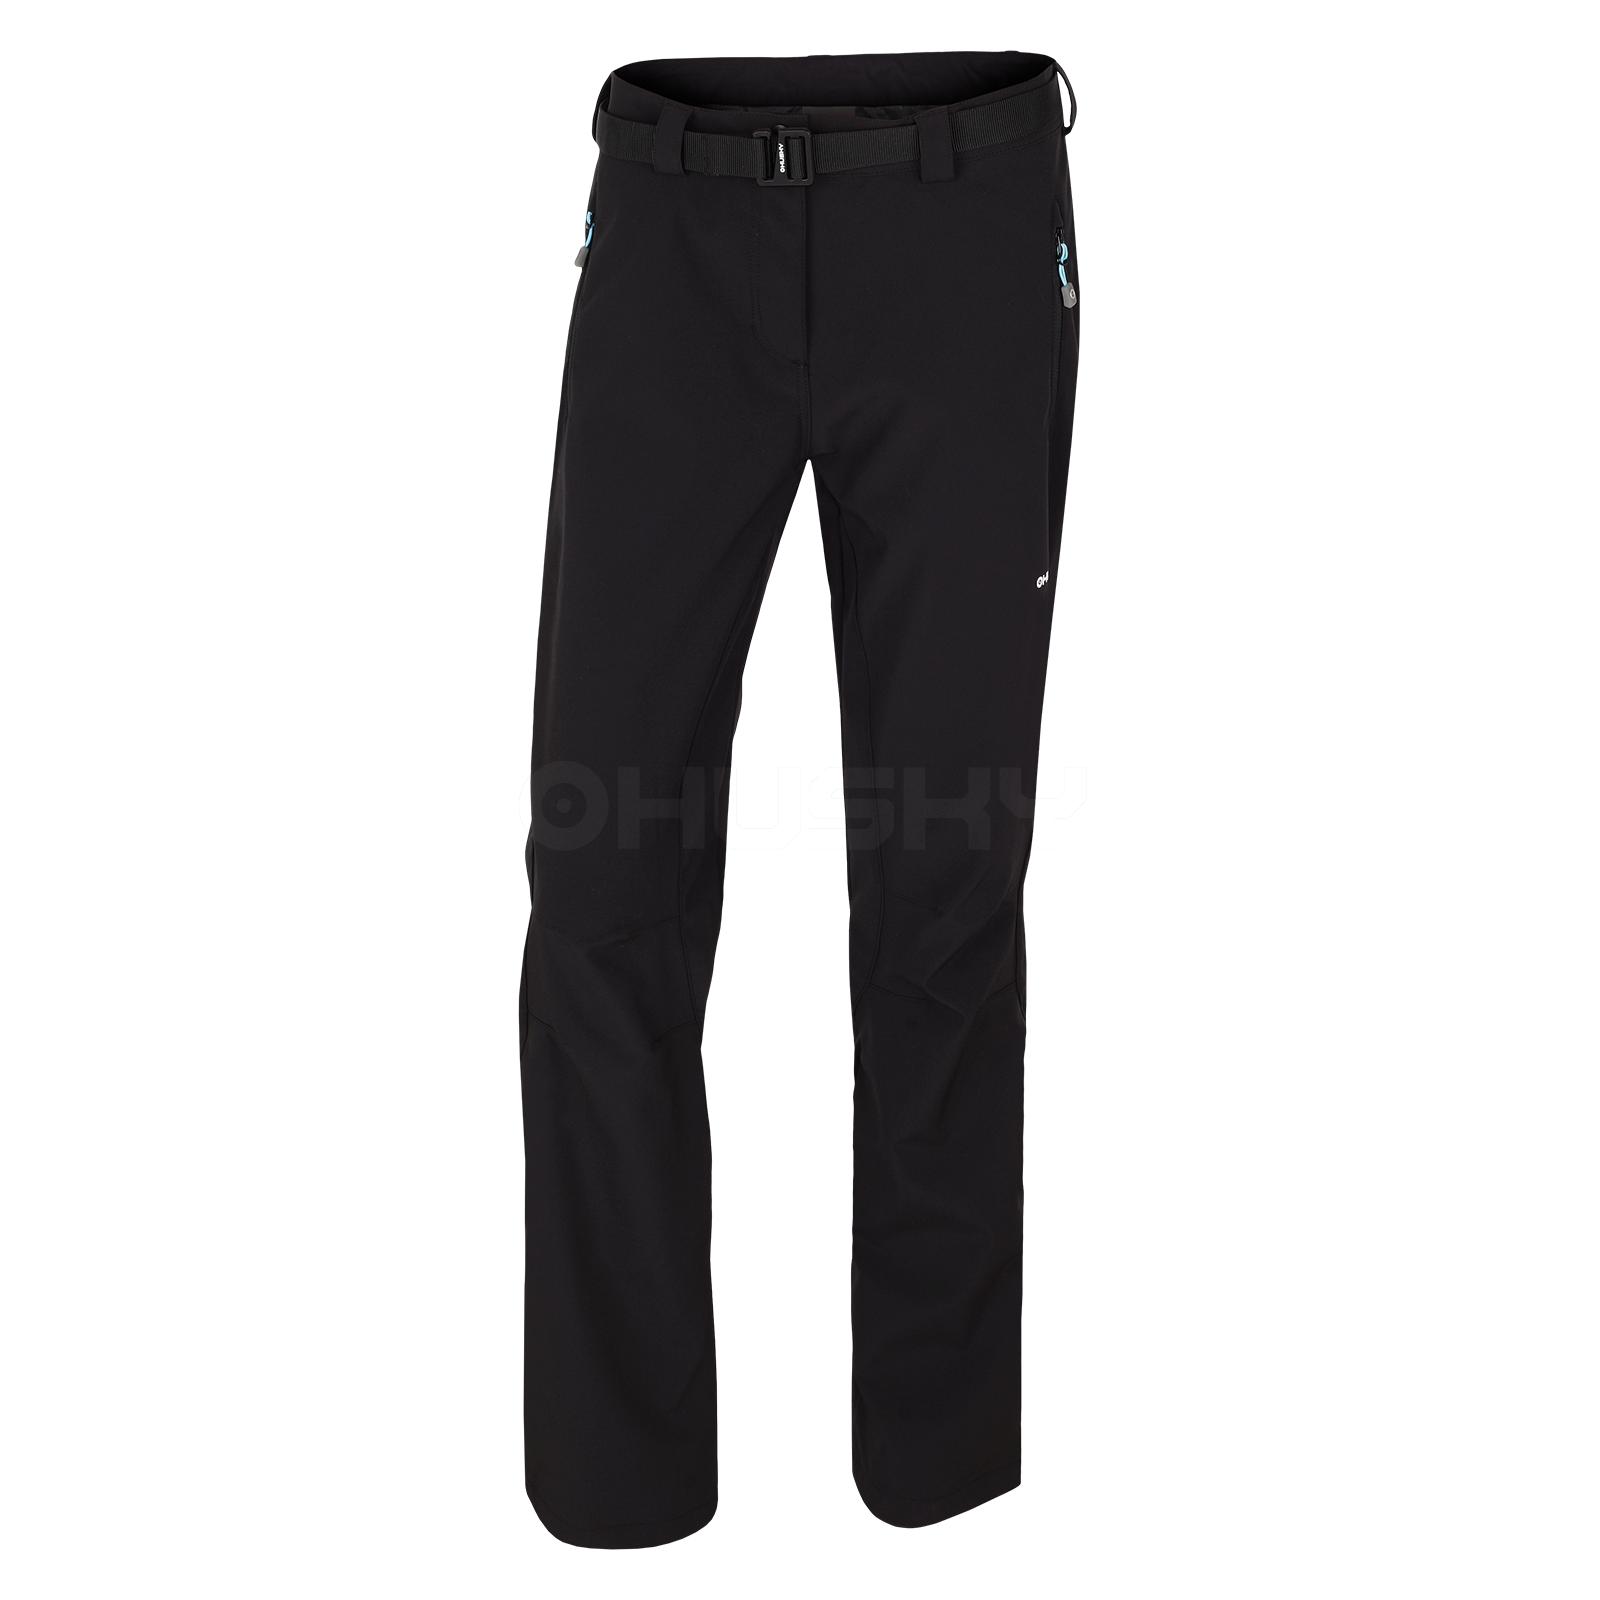 Husky Dámské outdoor kalhoty Lastop L černá Velikost: XL